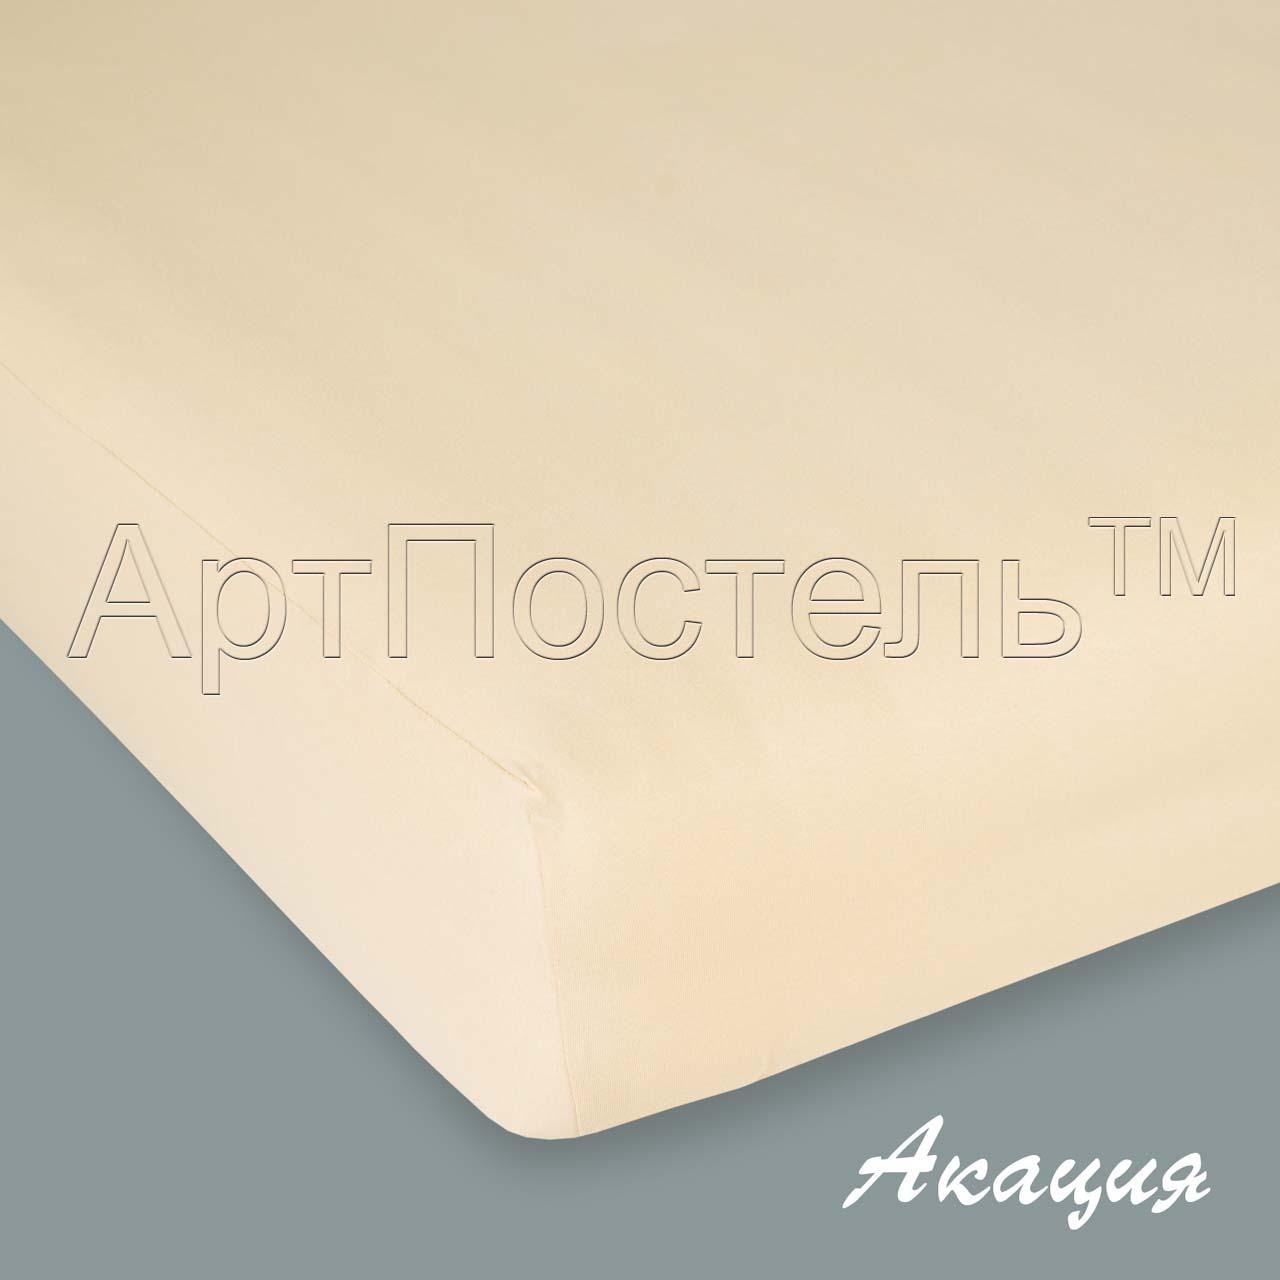 Простыня на резинке Акация, размер 180х200 смПростыни<br>Плотность ткани: 145 г/кв. м <br>Высота матраса: 20 см<br><br>Тип: Простыня<br>Размер: 180х200<br>Материал: Кулирка